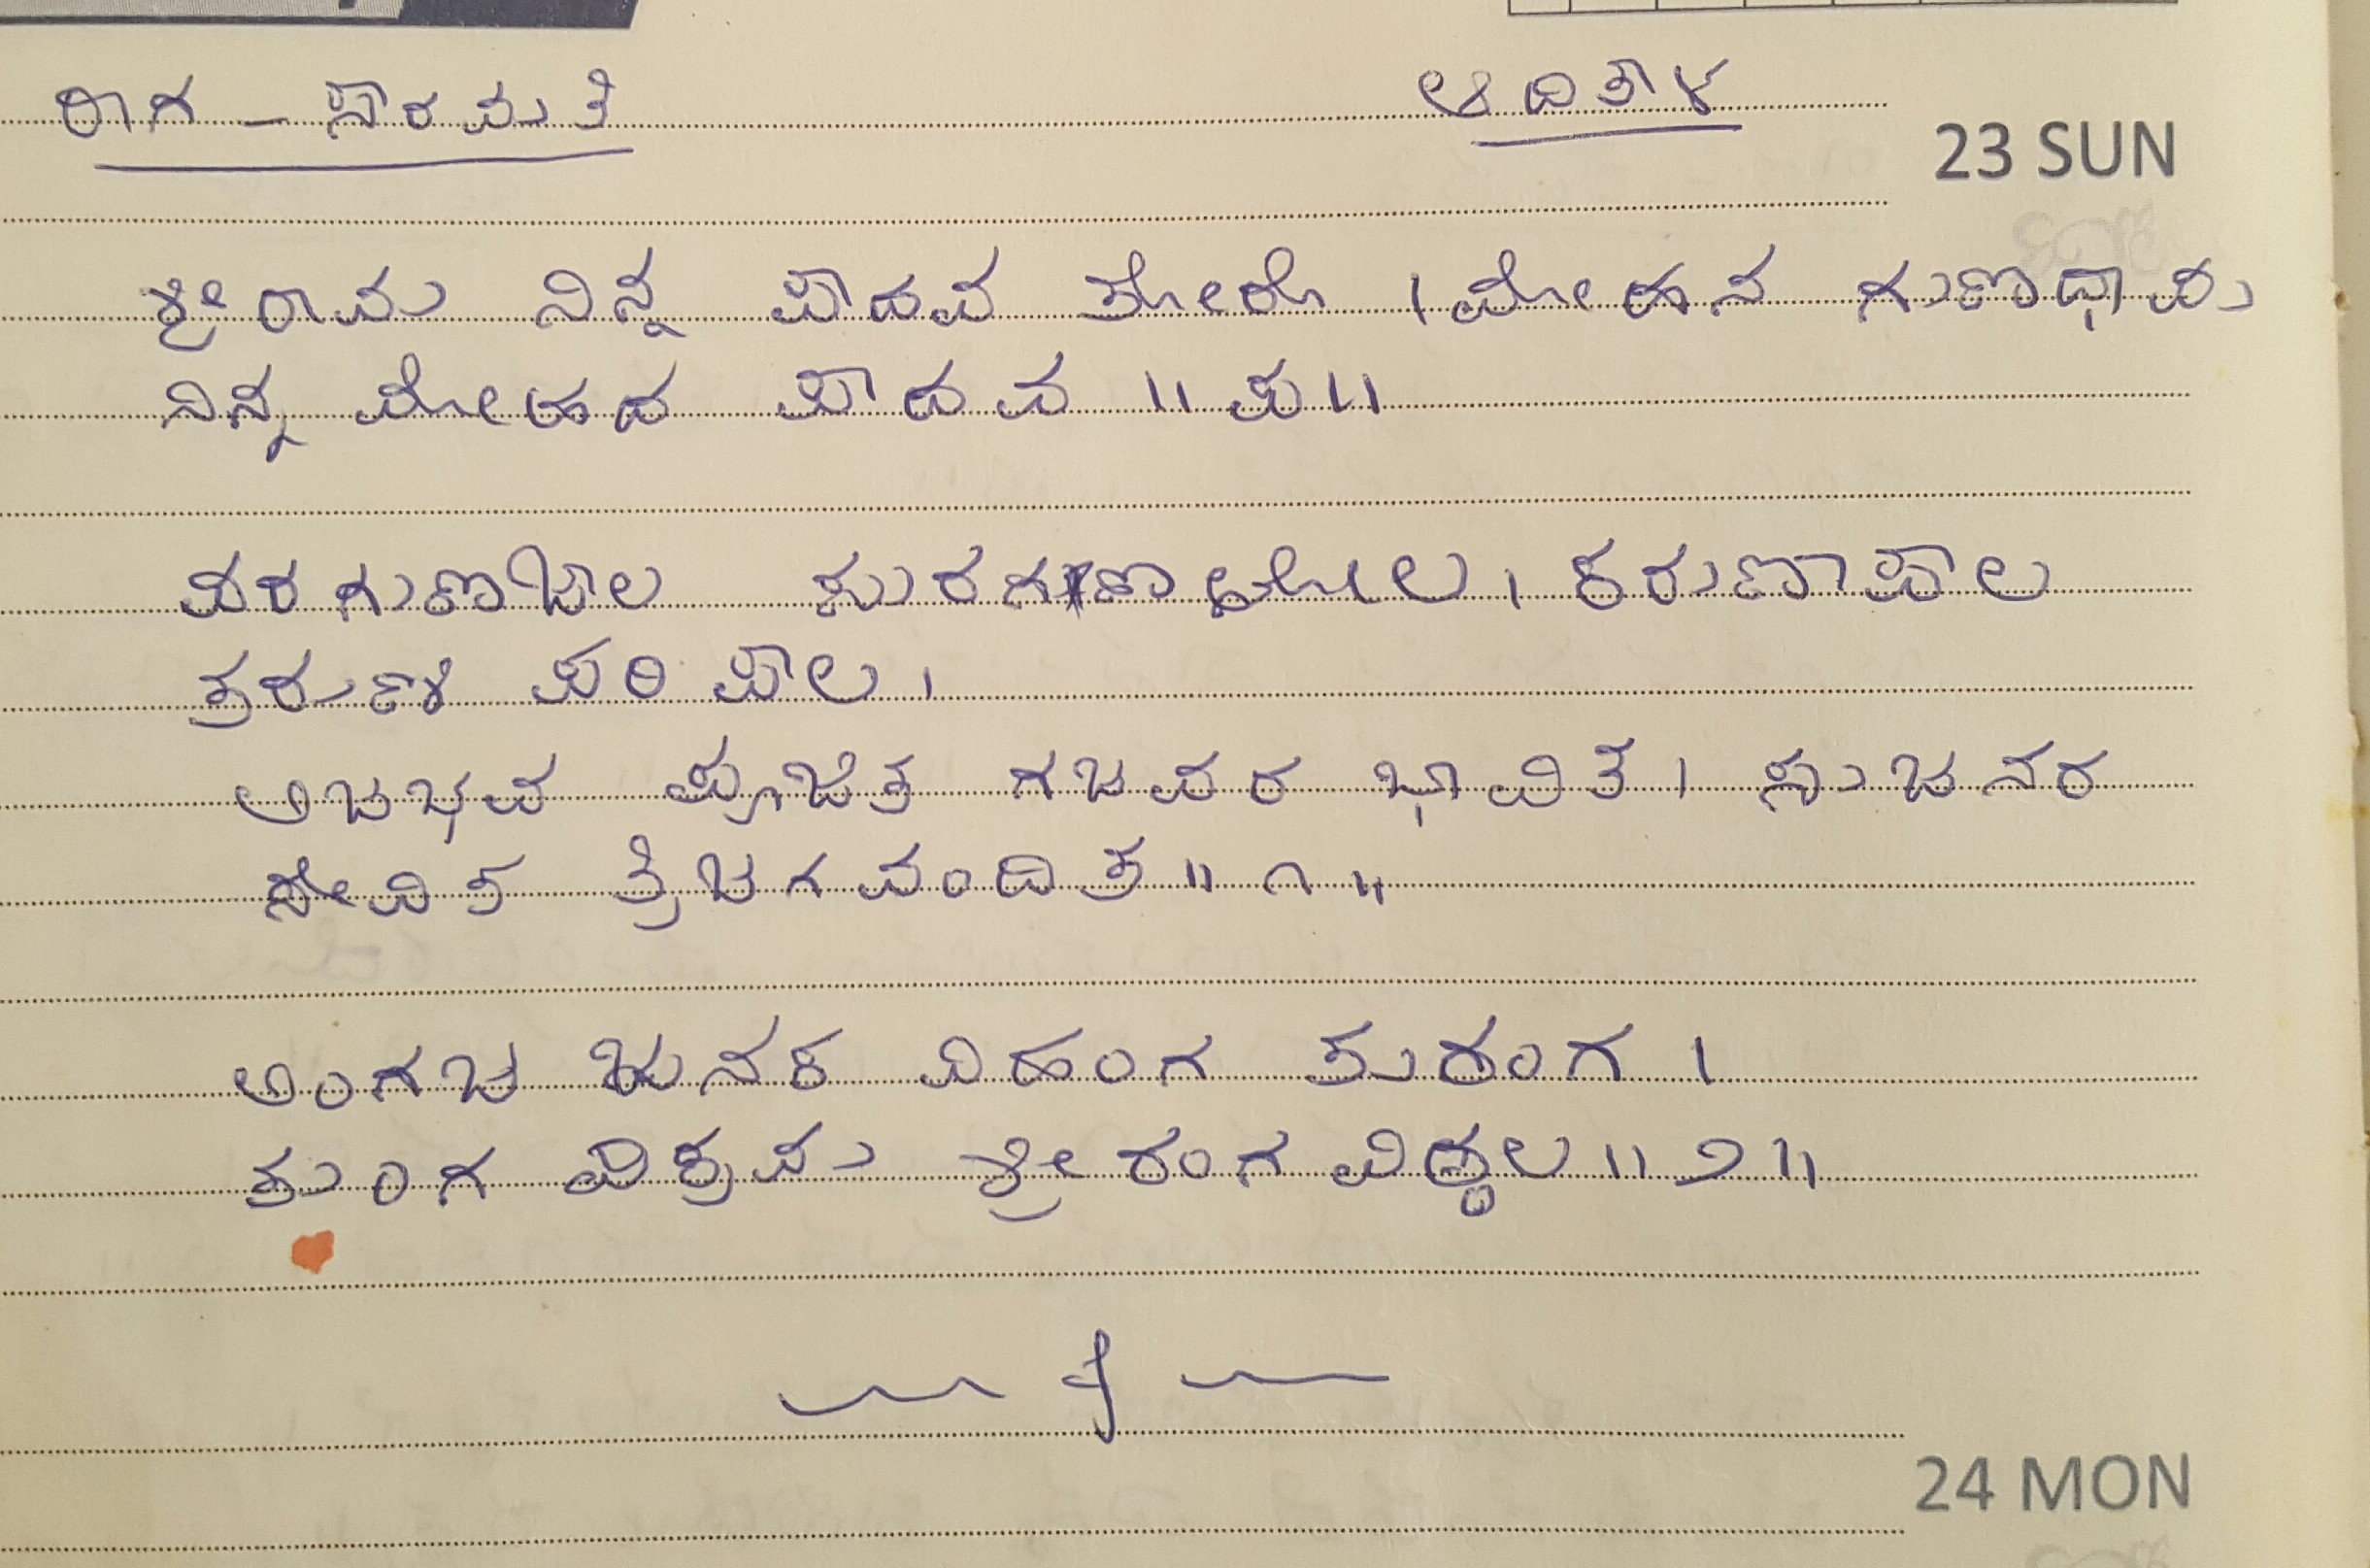 Tamil Songs Lyrics: Paatu Paadava Paarthu Pesava - Thaen ...